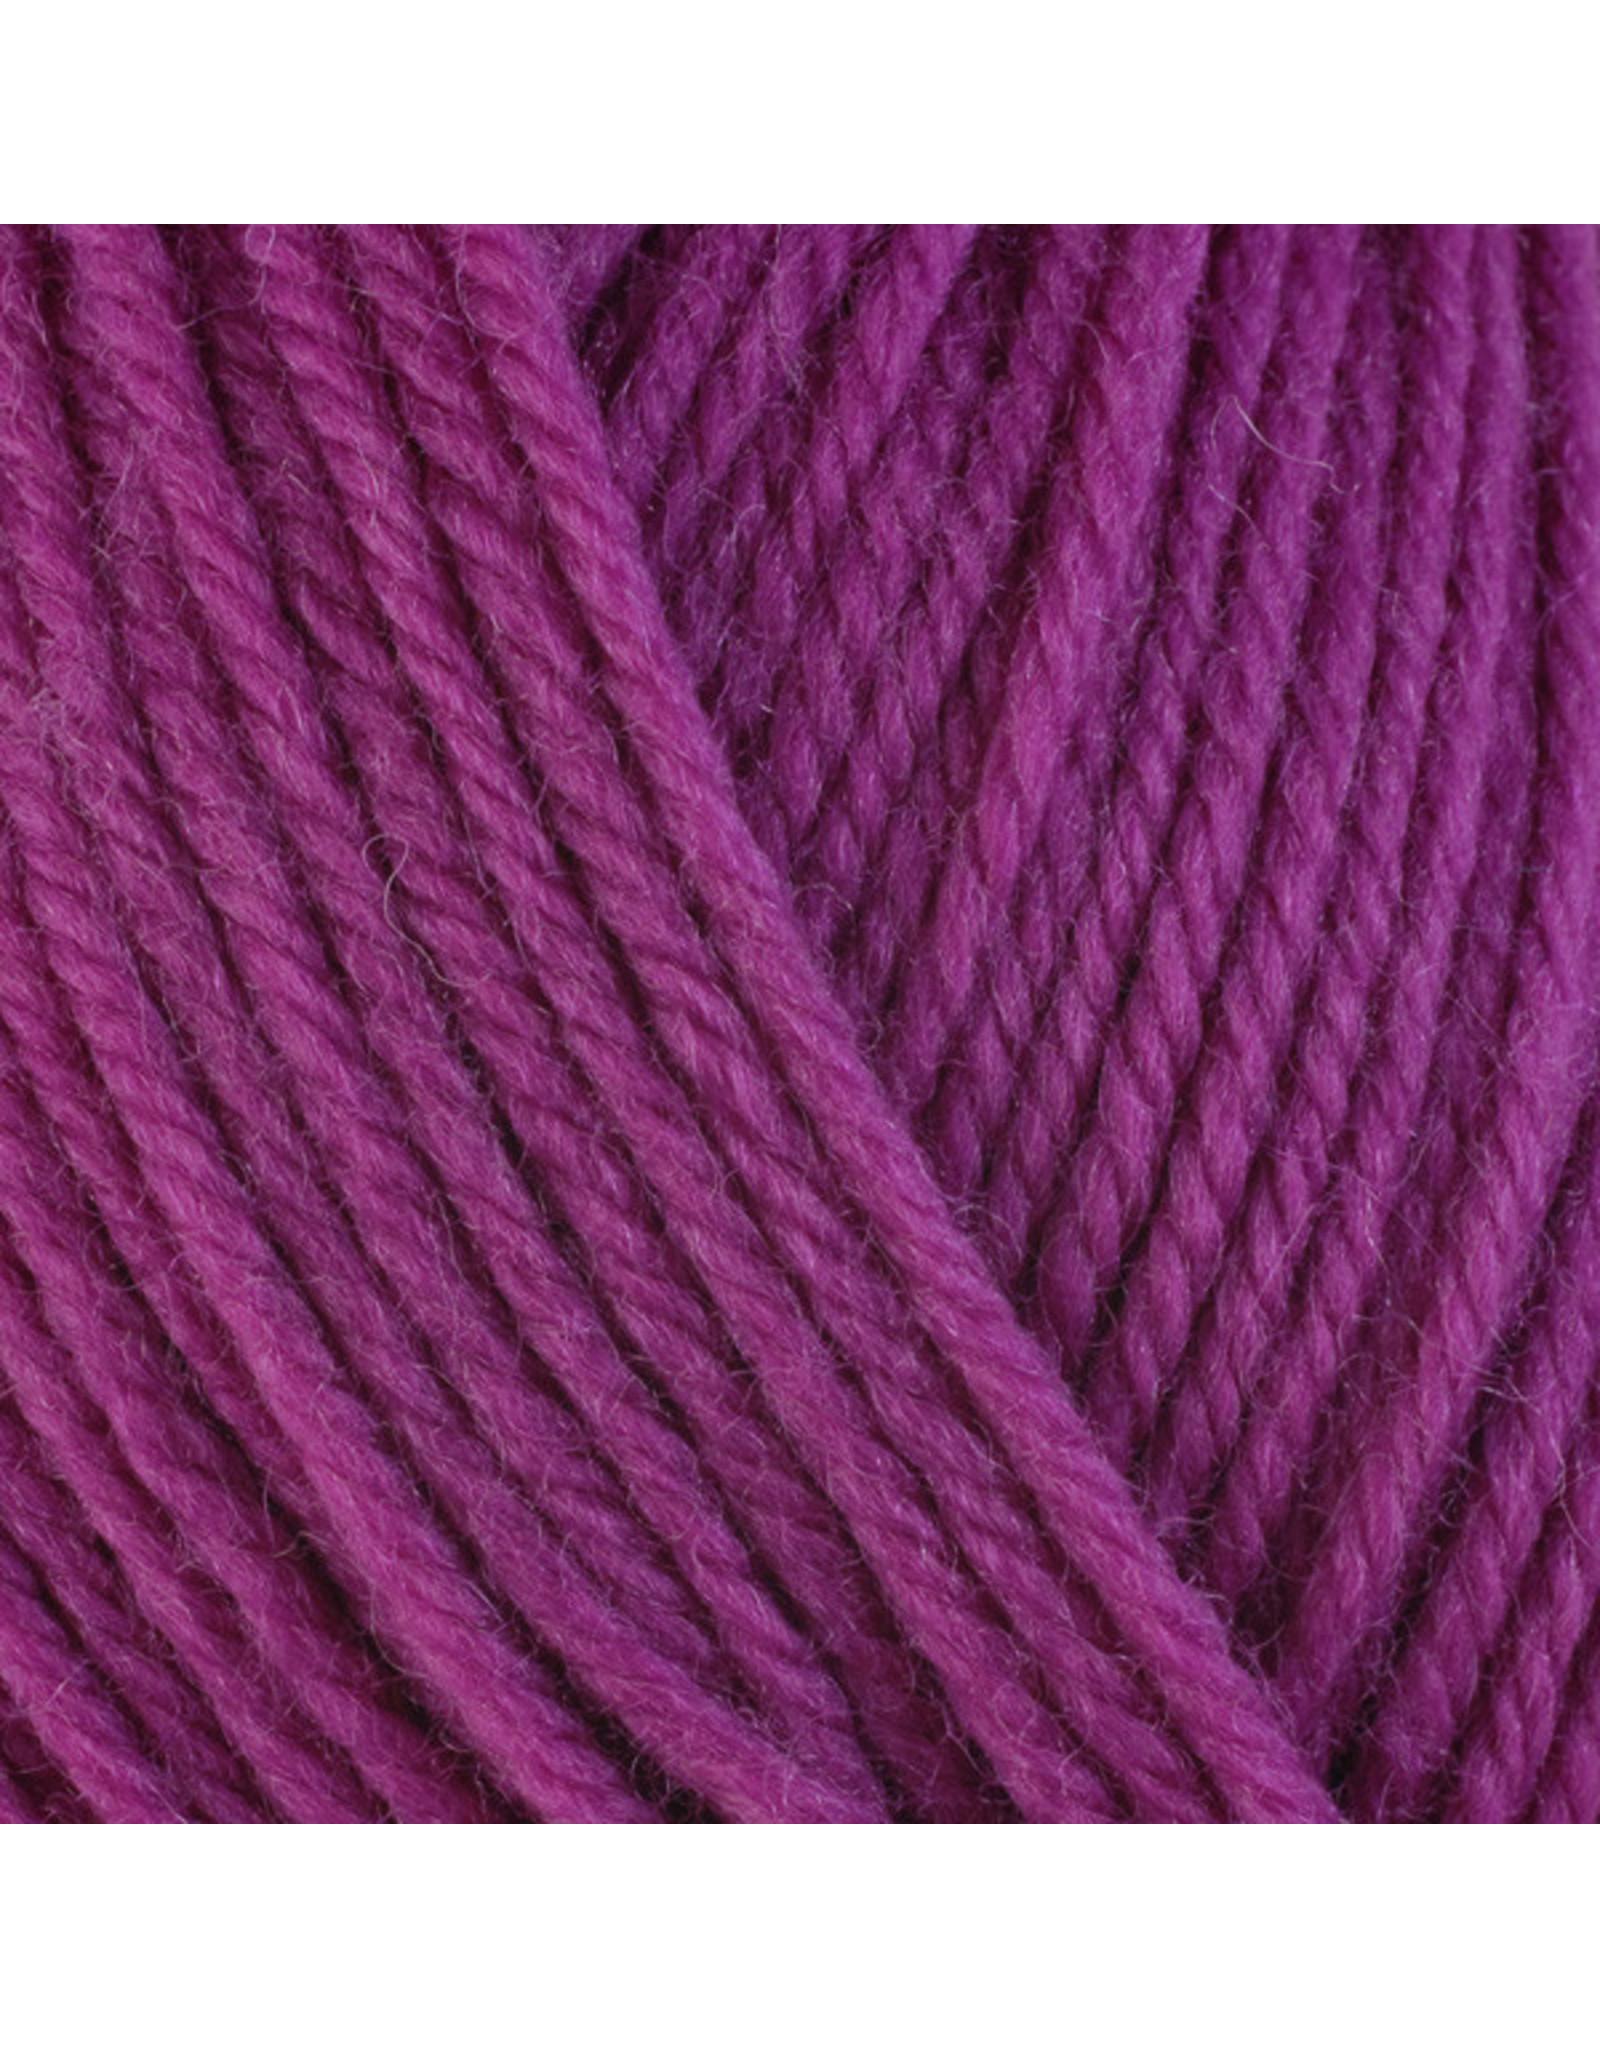 Berroco Berroco: Ultra Wool, (Reds)